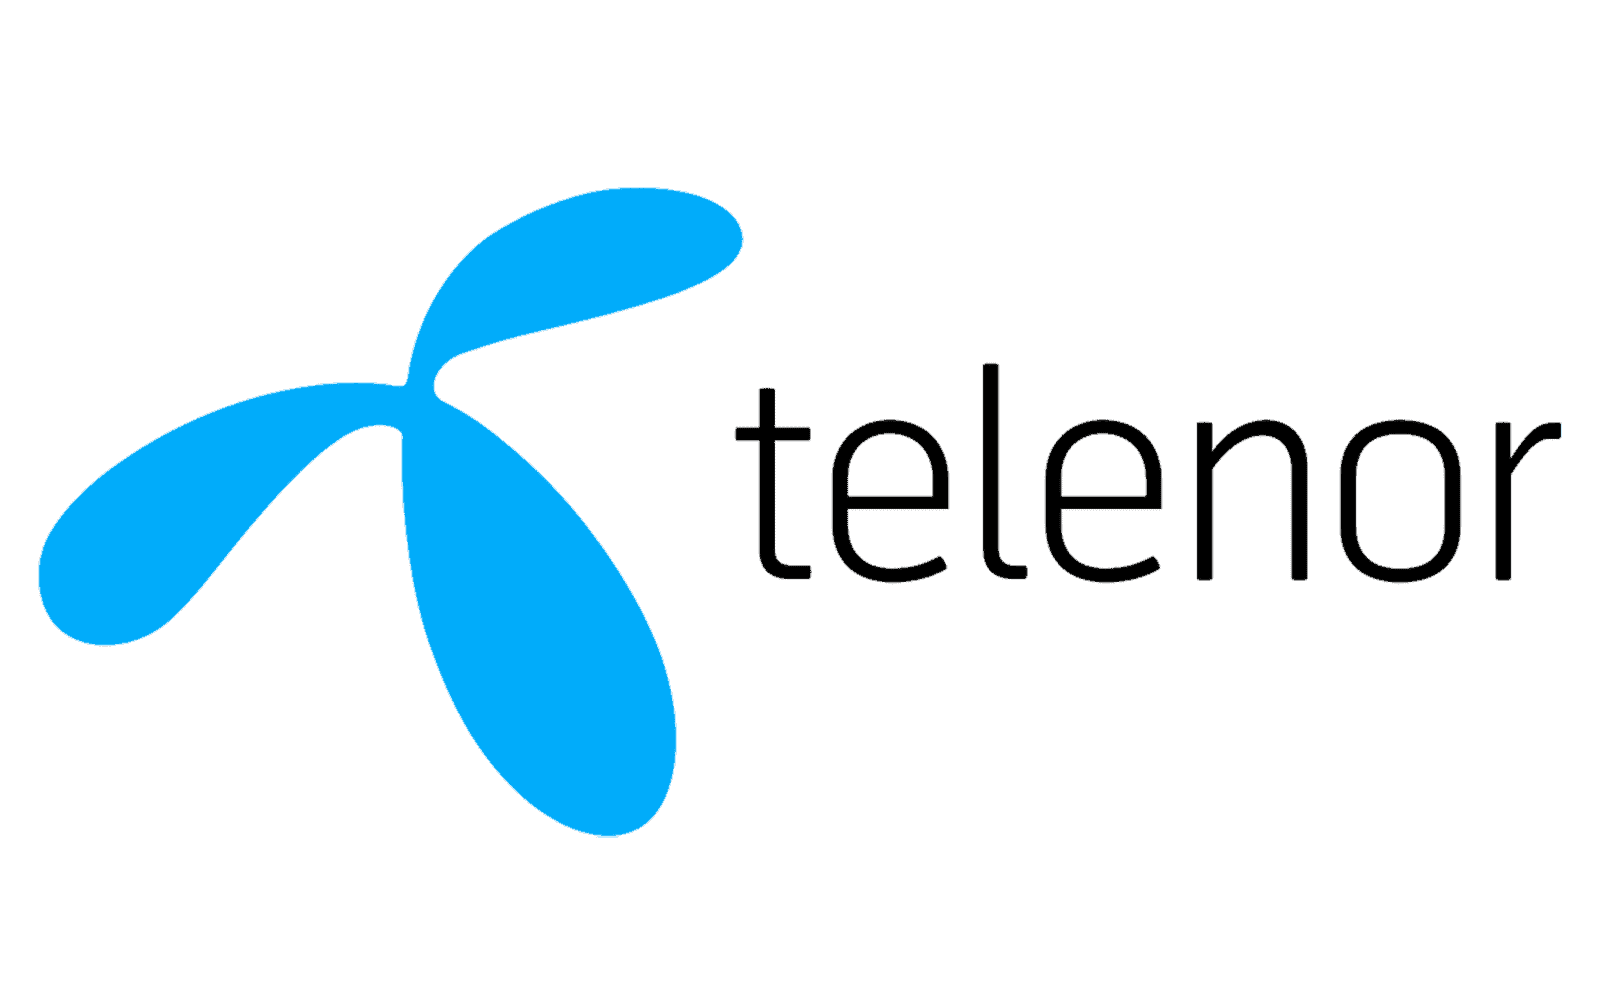 Telenor mobilabonnement